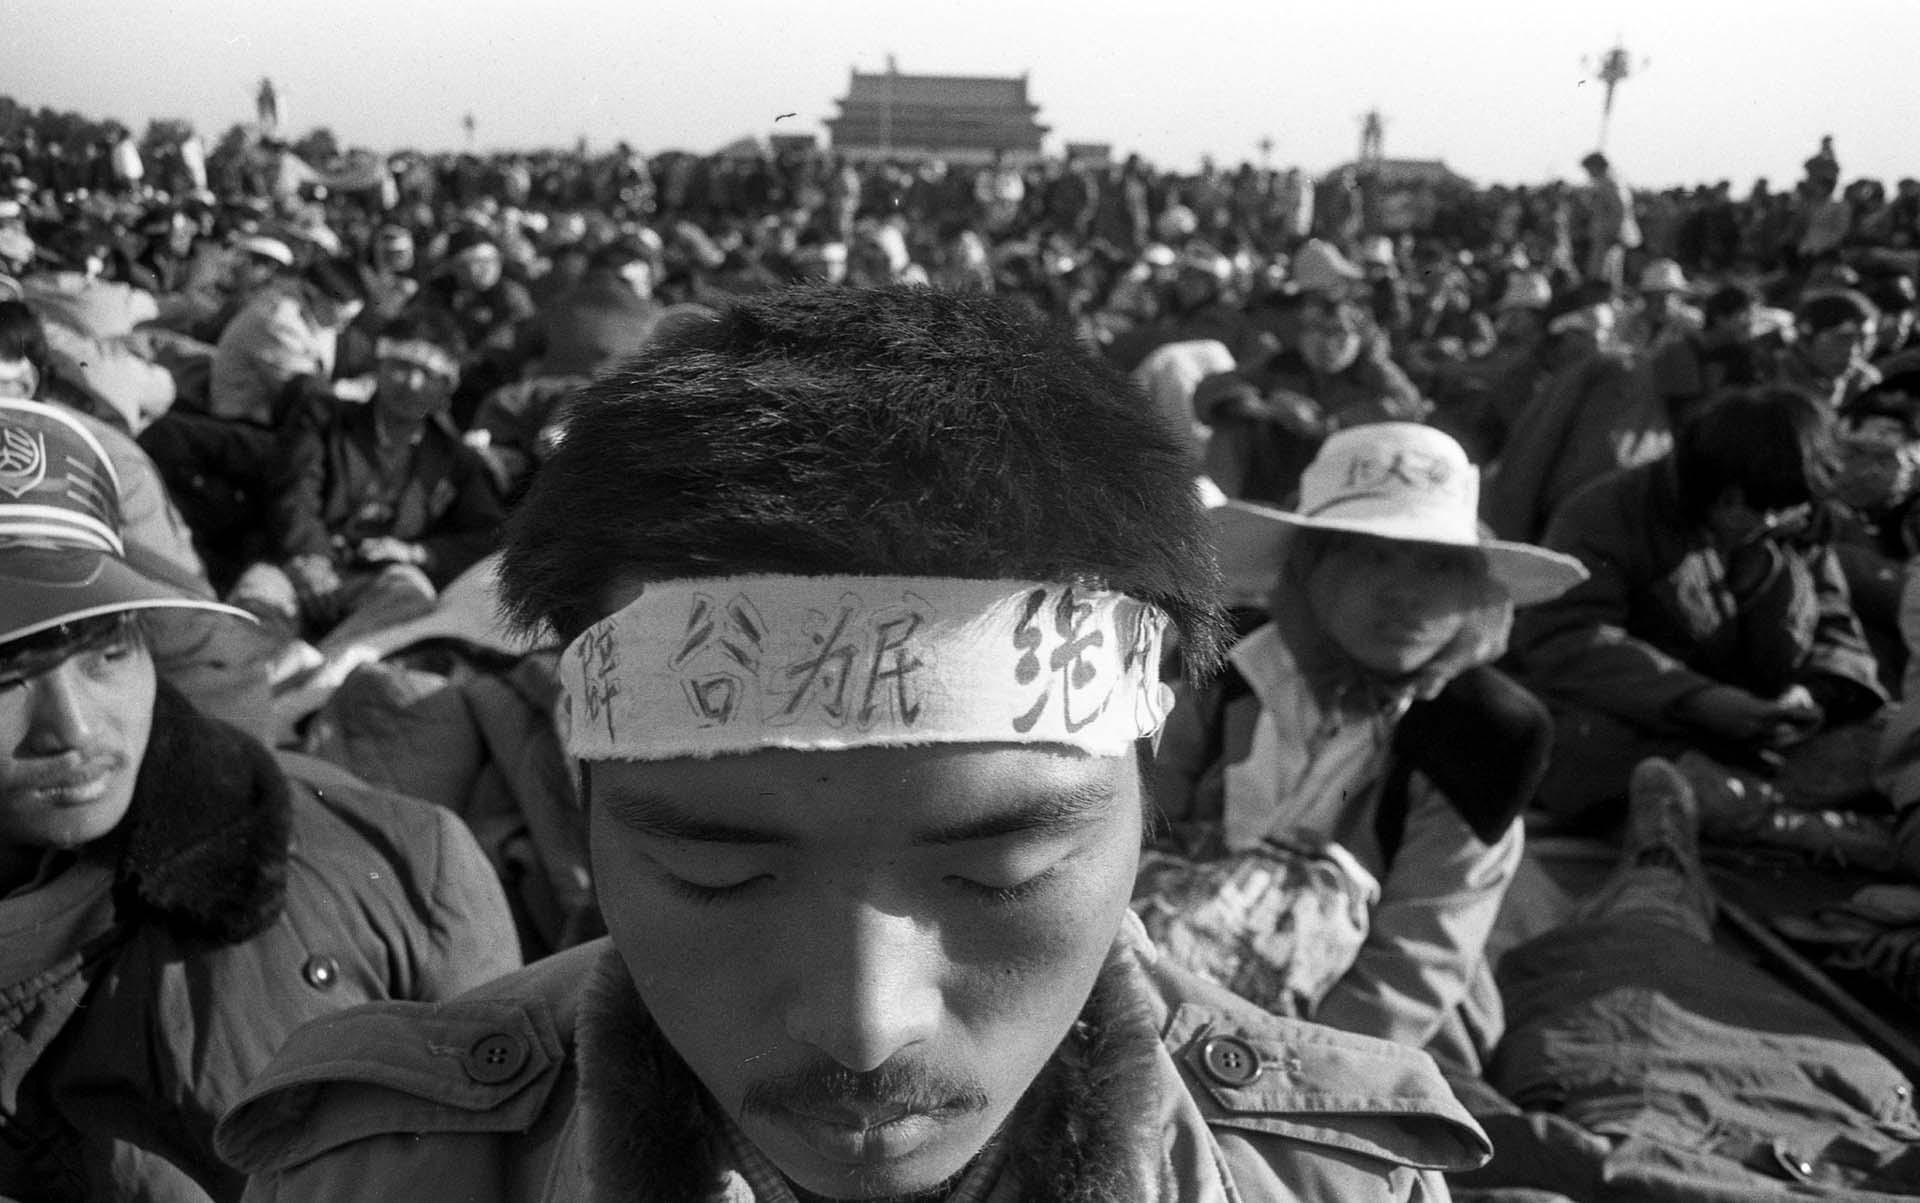 Miles de jóvenes protestaron de forma pacífica en Tiananmen durante ese año de 1989 (Jian Liu)